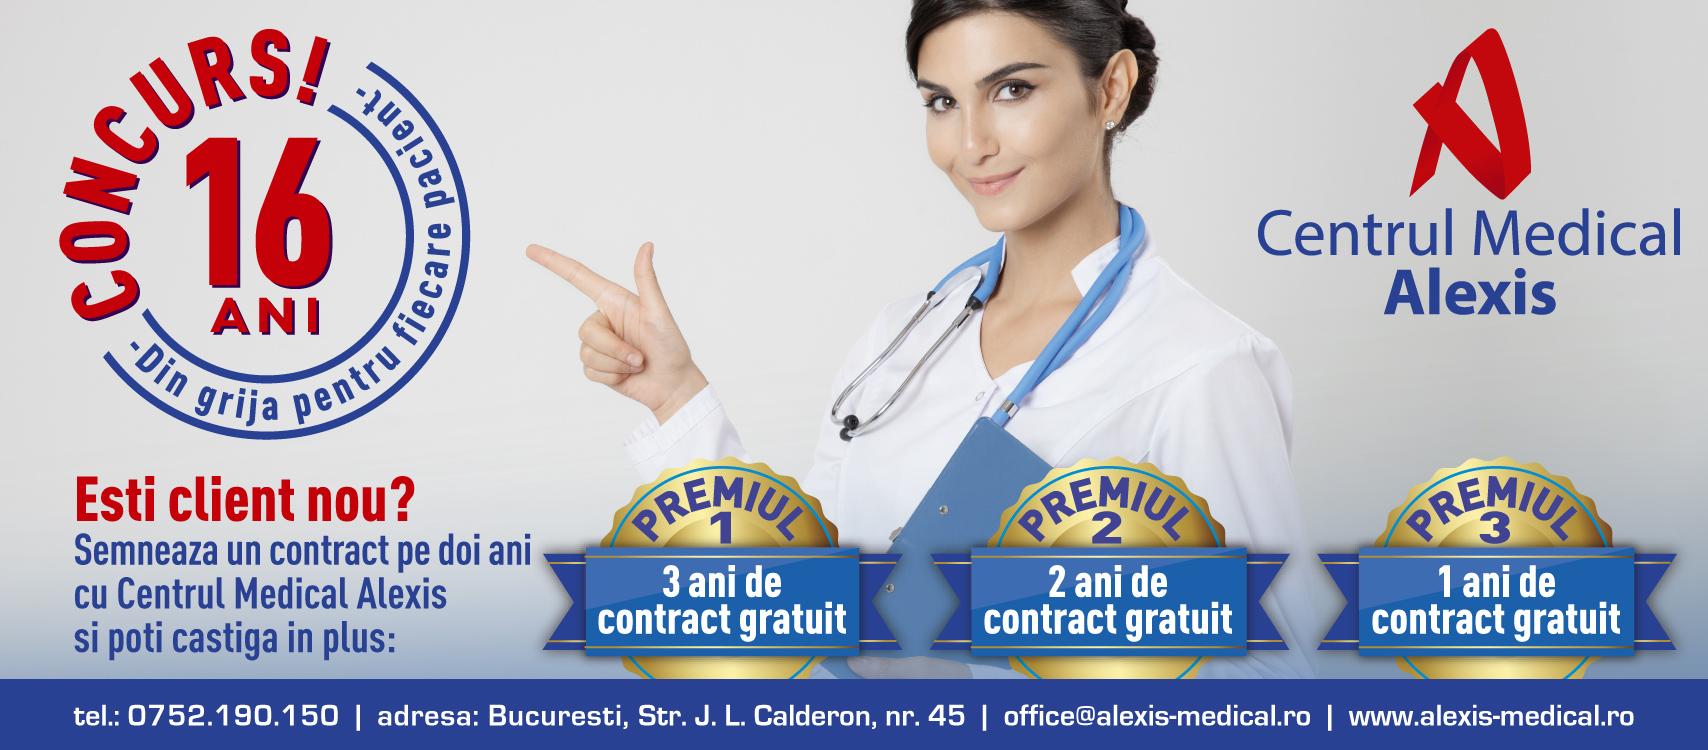 - 16 ani concurs special CMAlexis Bucuresti - ⛑️Vrei servicii de medicina muncii GRATIS pentru 1095 de zile❓